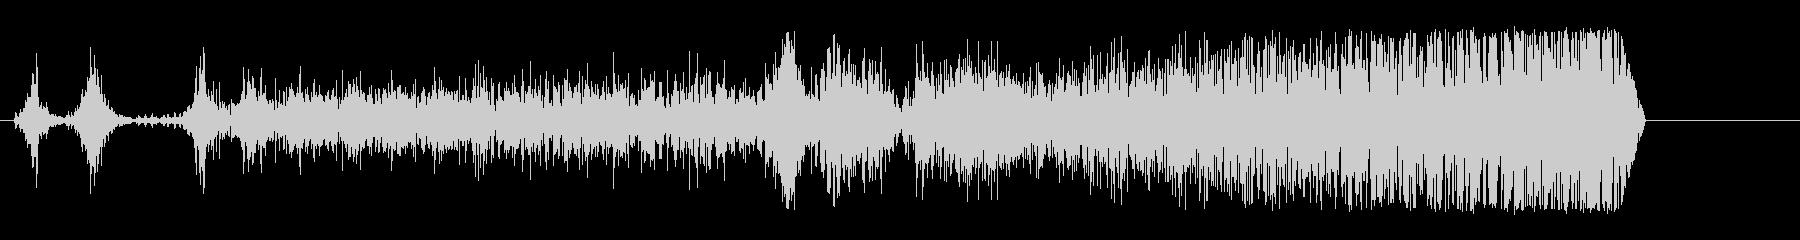 ドラッグスター;回転数/アイドル、...の未再生の波形